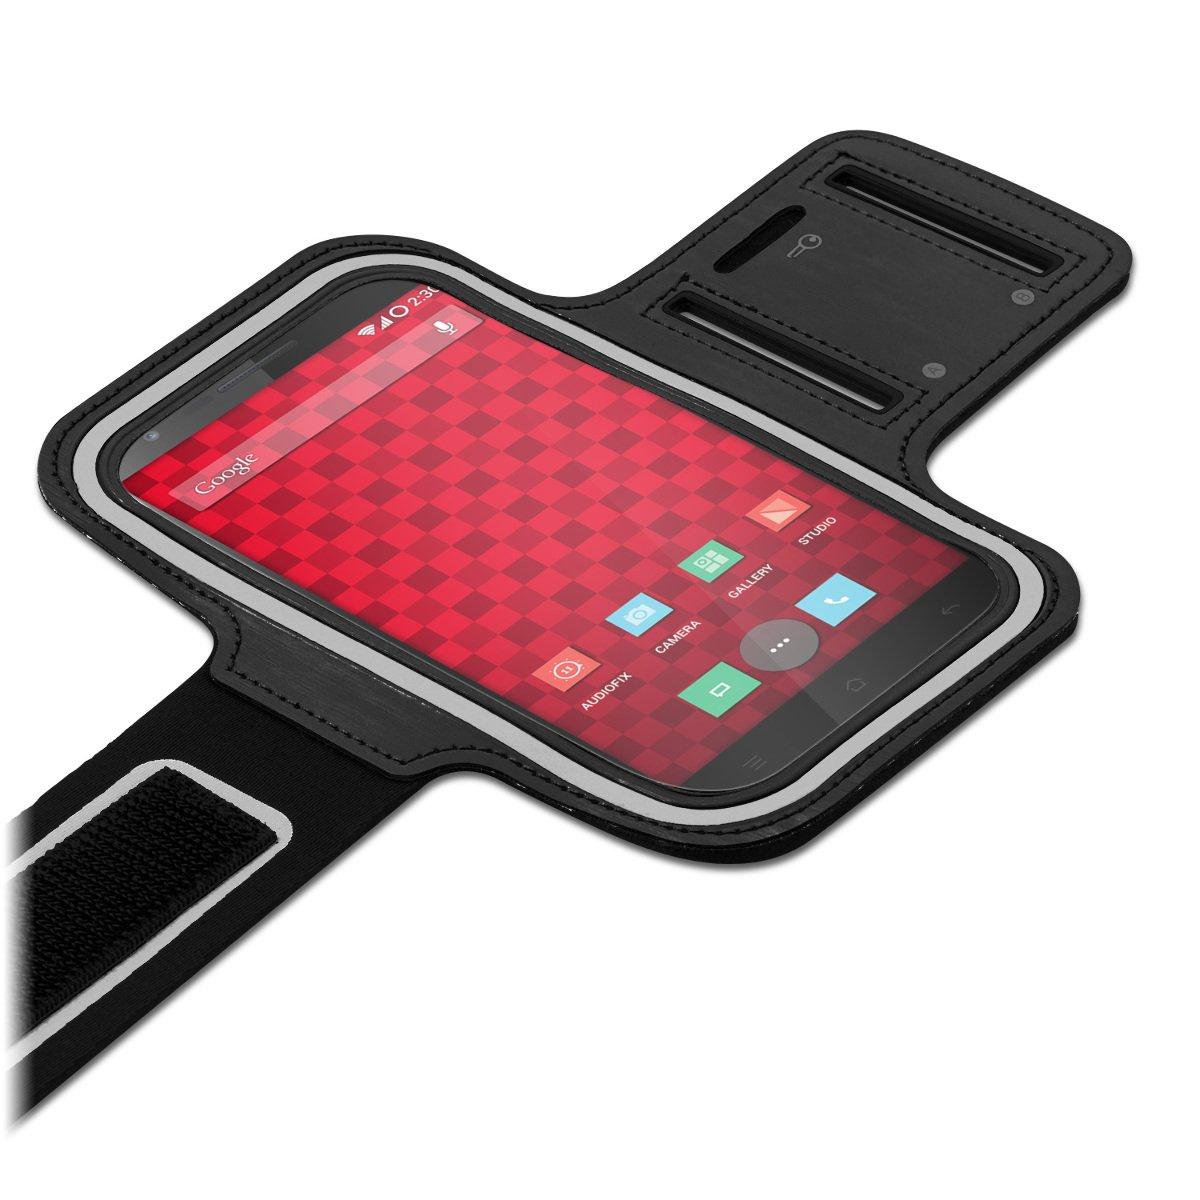 kwmobile Brazalete Deportivo para OnePlus One: Amazon.es: Electrónica